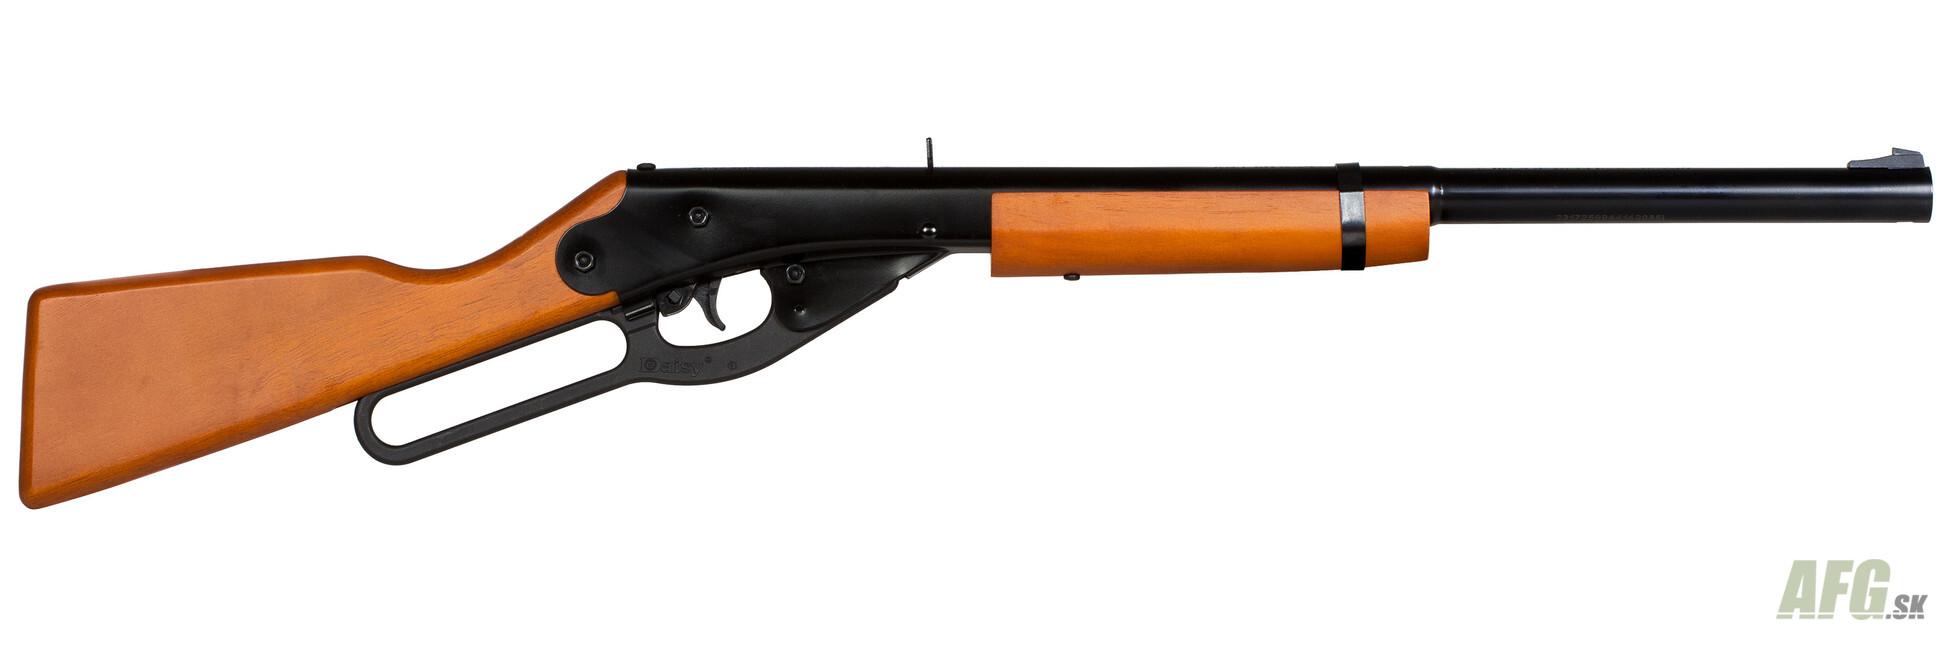 d4864835e Vzduchová puška Daisy M10 kal. 4,5 mm - AFG.cz